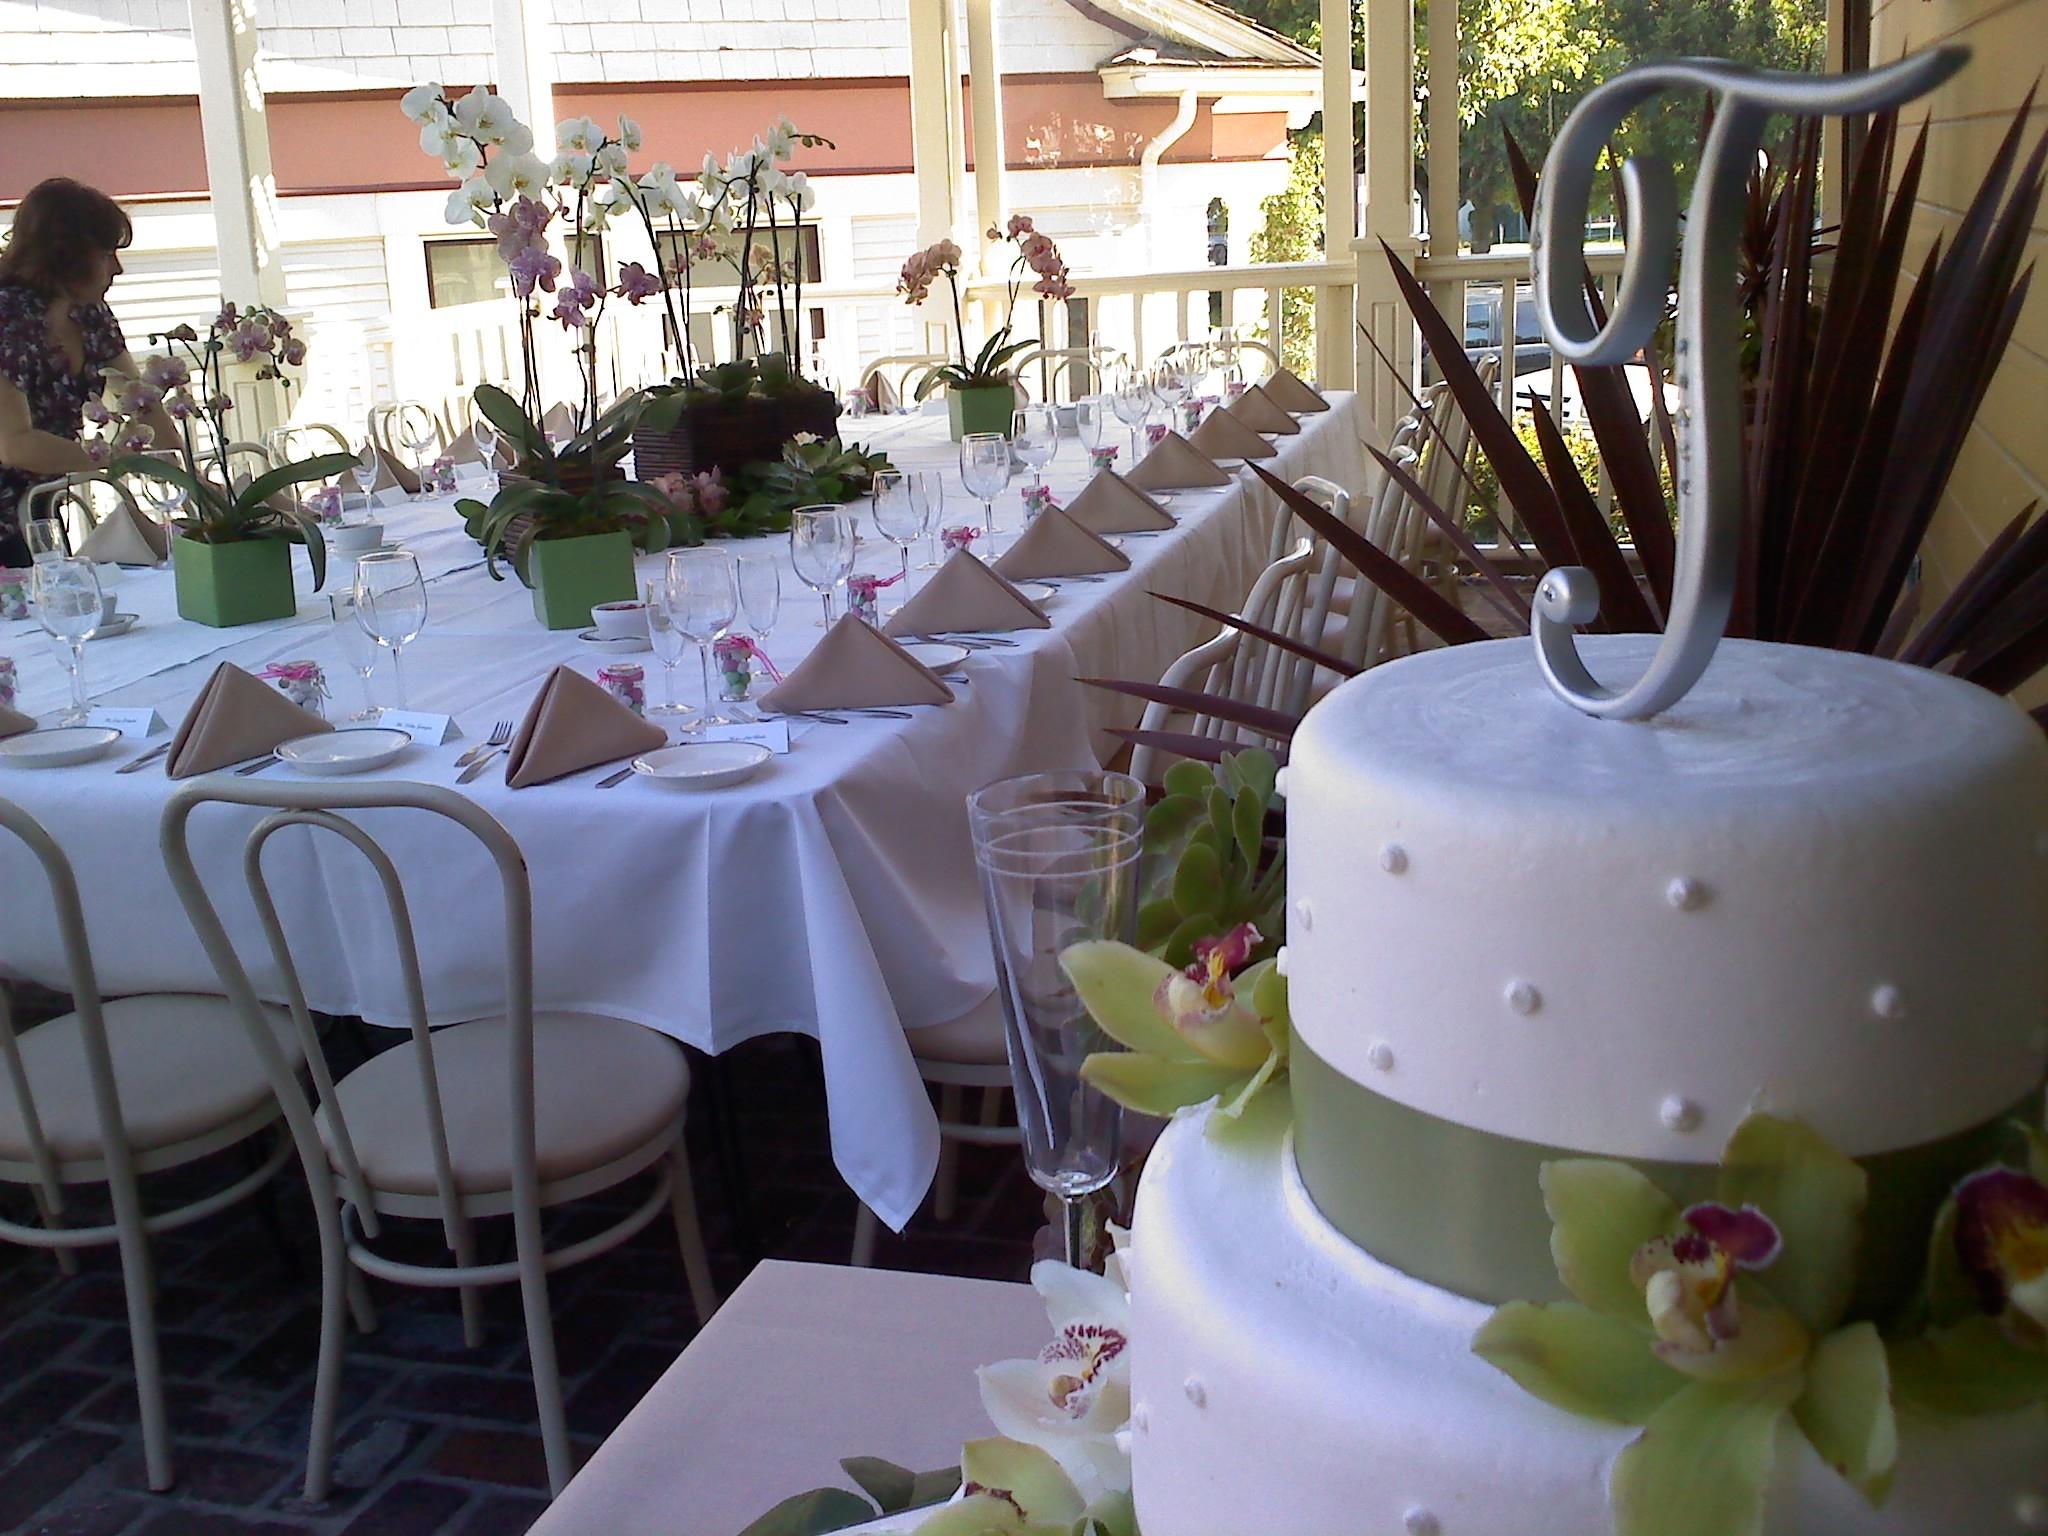 La Dolce Vita Ristorante and Lounge